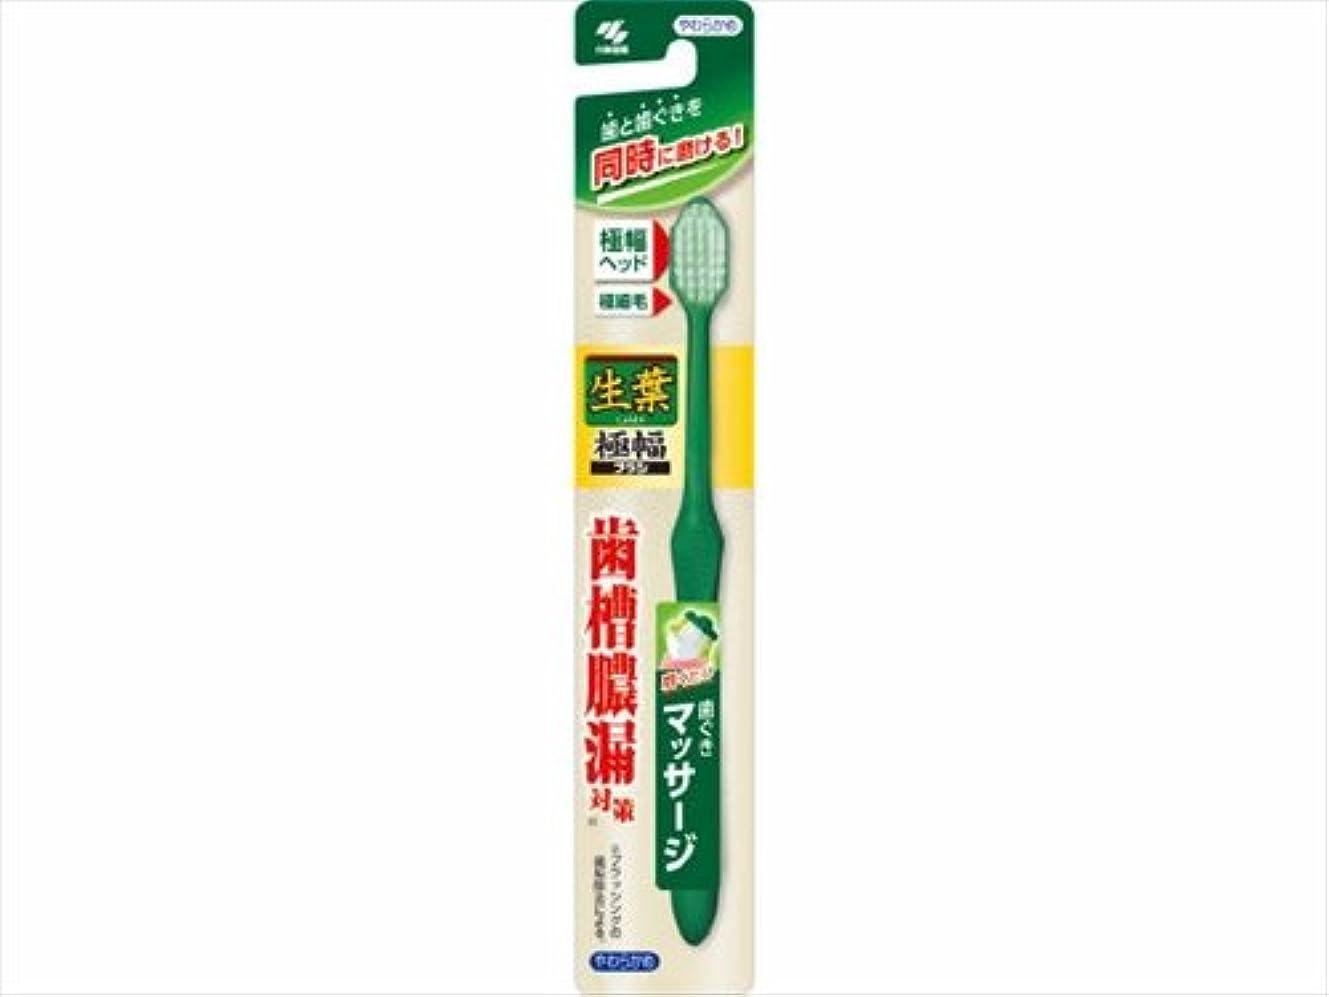 生葉極幅ブラシ やわらかめ × 10個セット